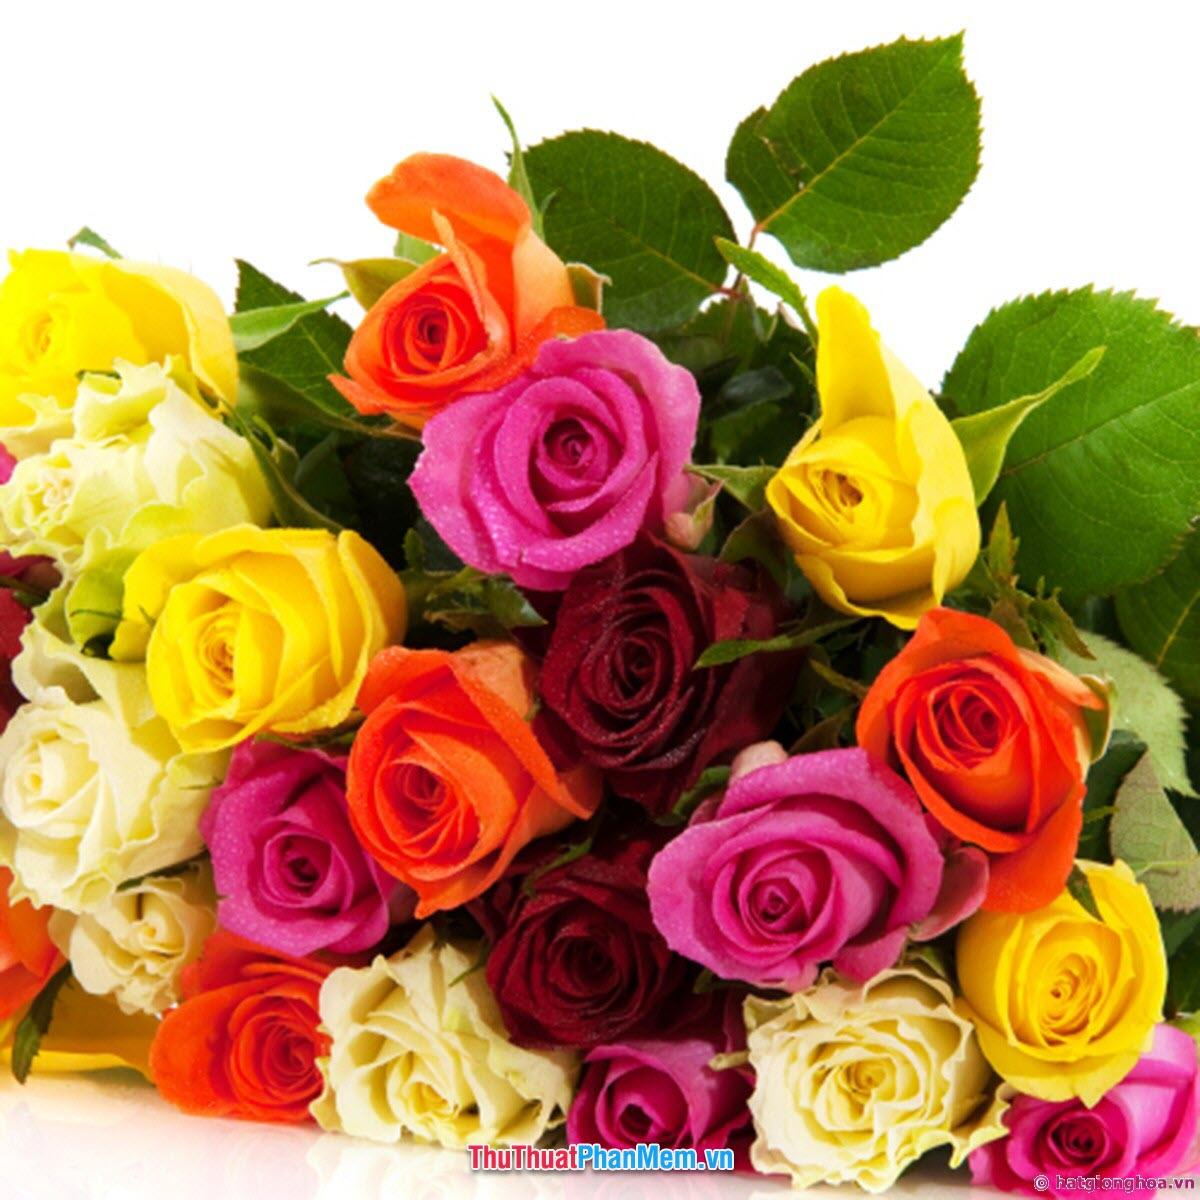 Đóa hoa hồng nhiều màu sắc tặng mẹ nhân ngày quốc tế phụ nữ